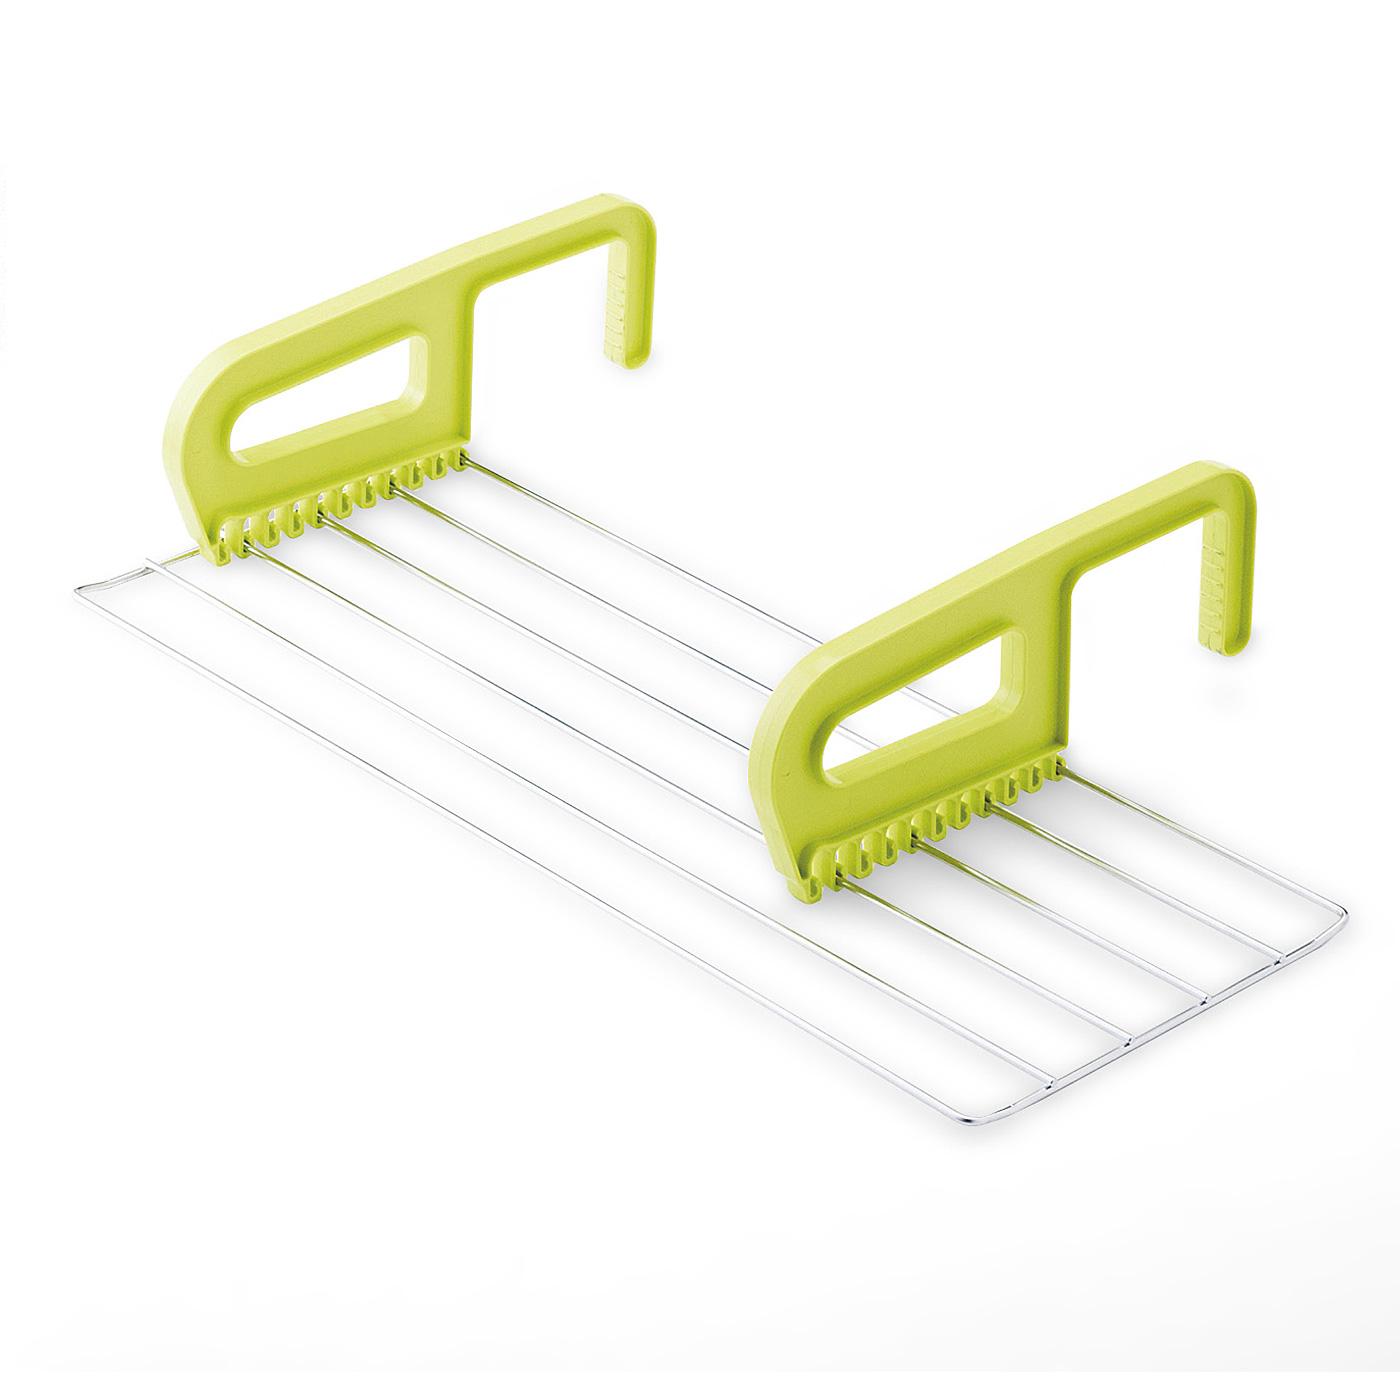 引っ掛け部の取り付け位置を変えると、横幅も自由に調整可能。